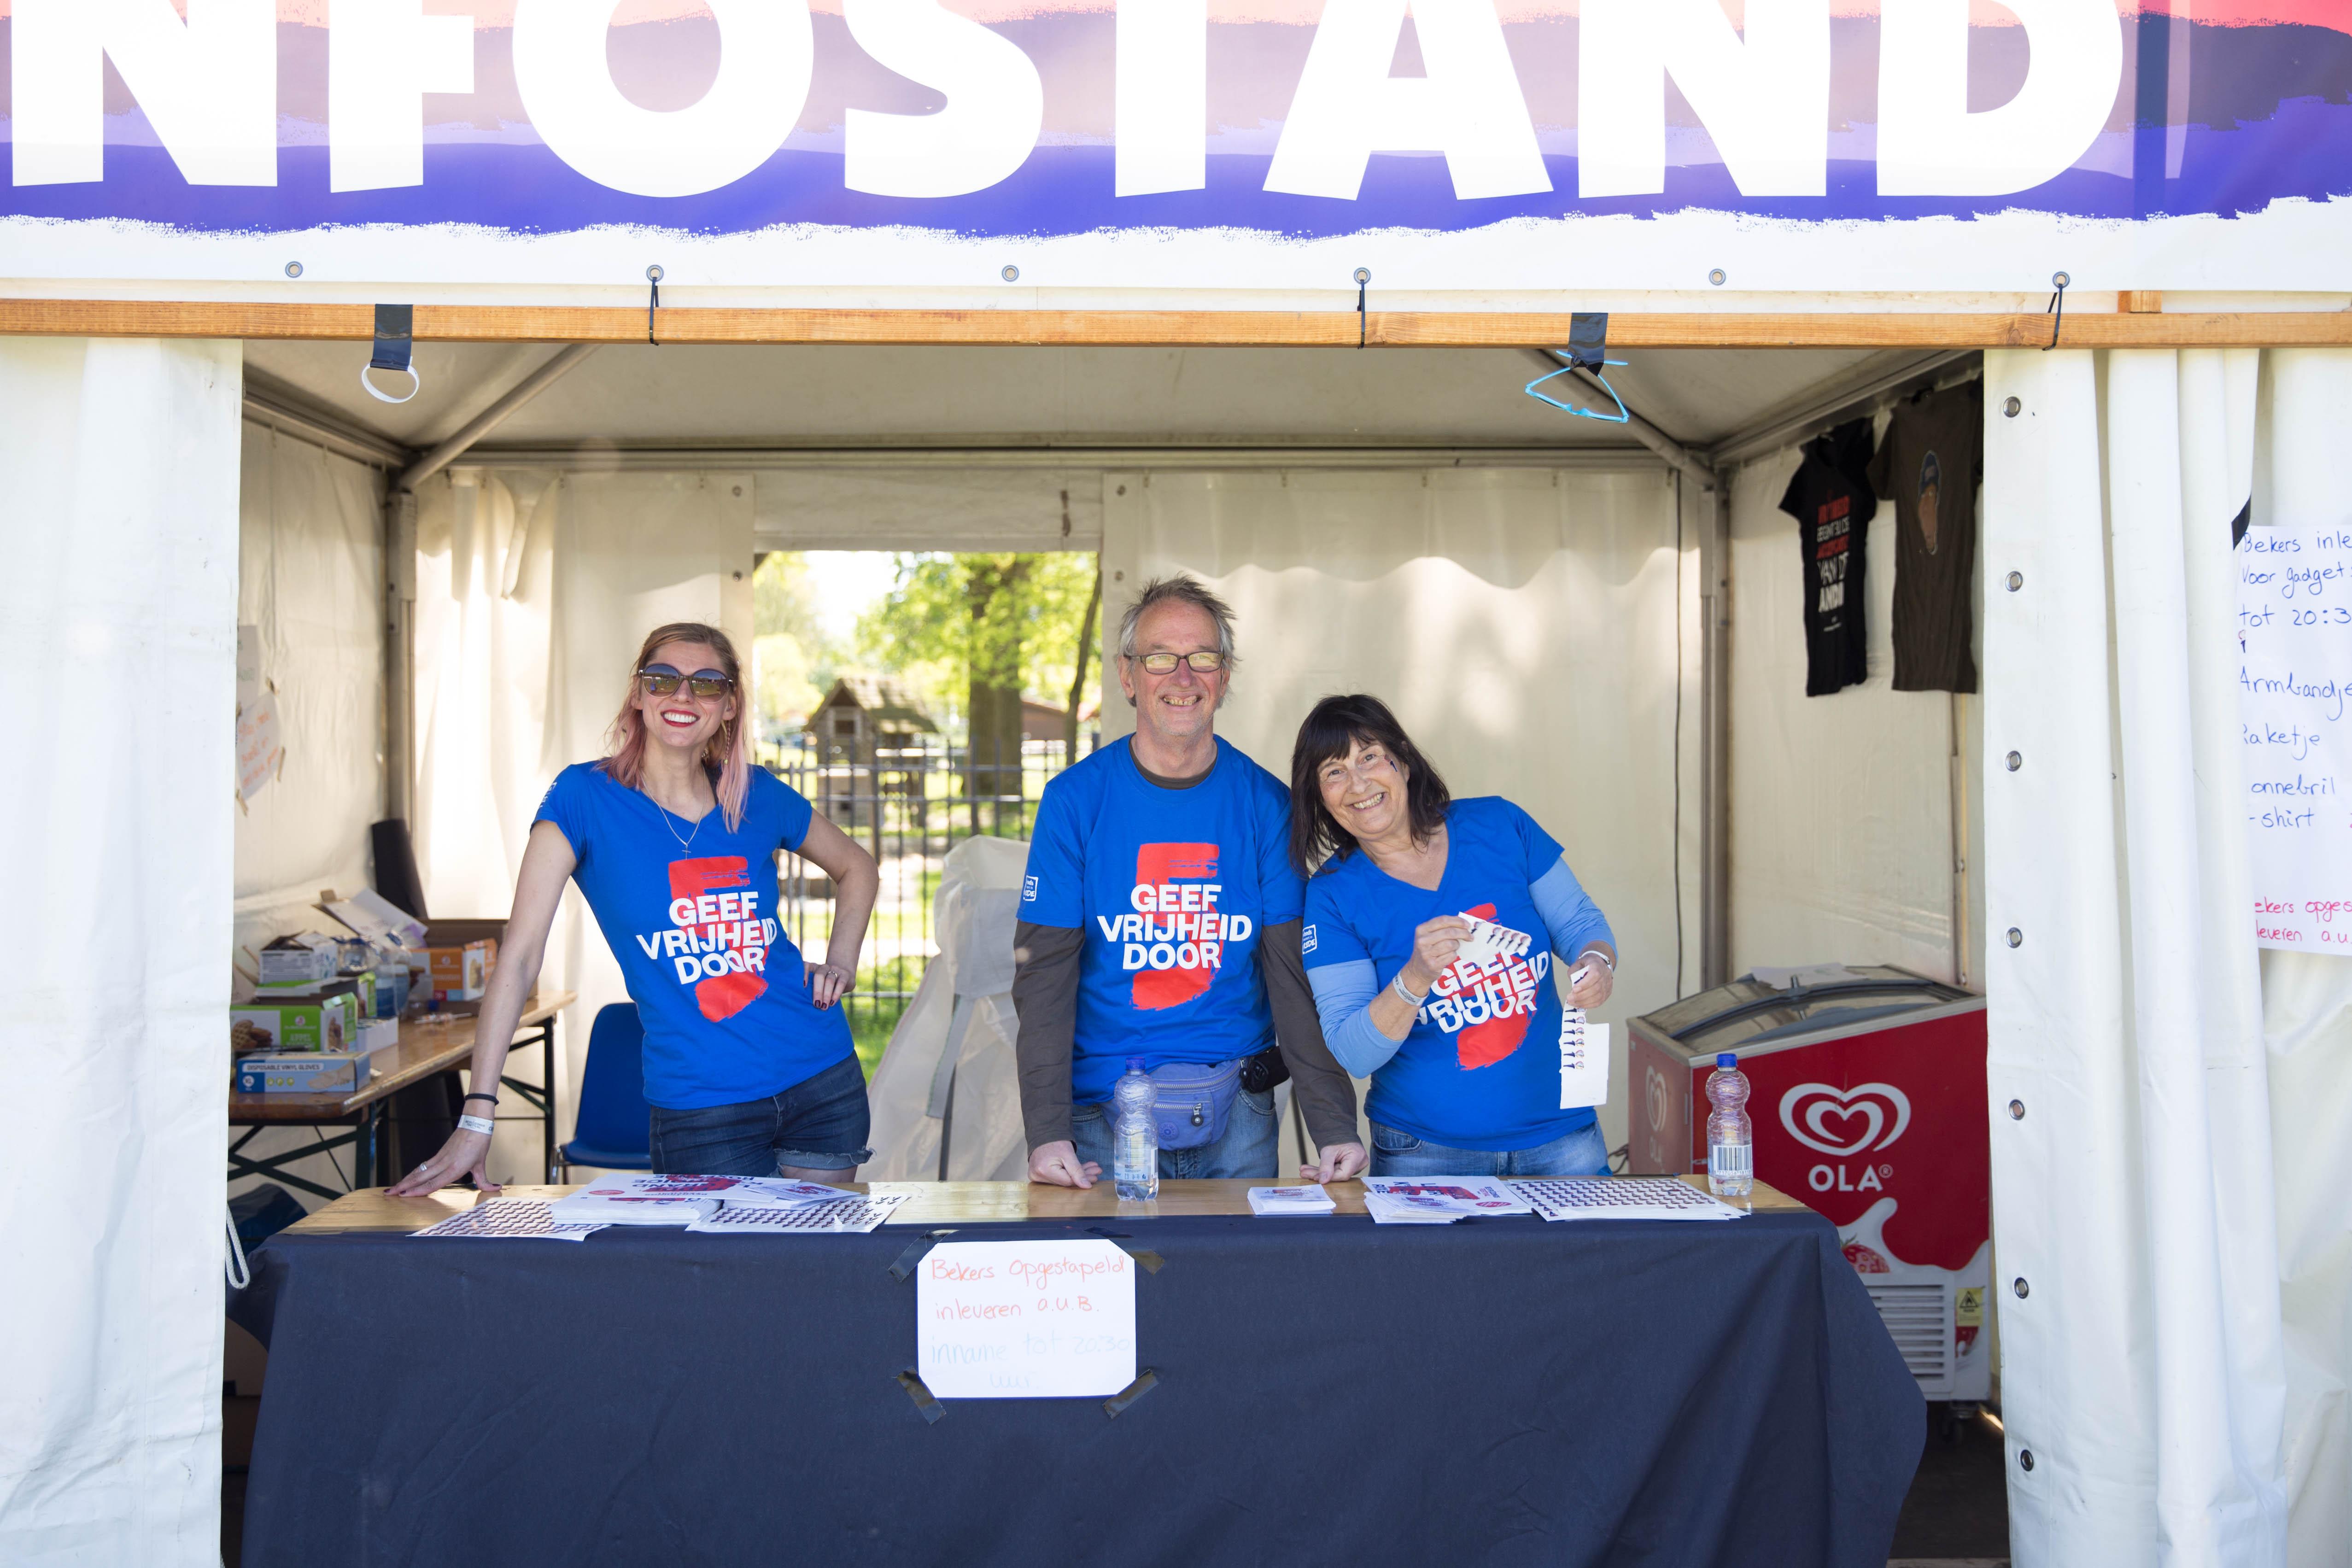 Een zonnige foto van een infostand waarin drie mensen staan achter een tafel,. Zij dragen alle drie het helblauwe t-shirt van het bevrijdingsfestival.